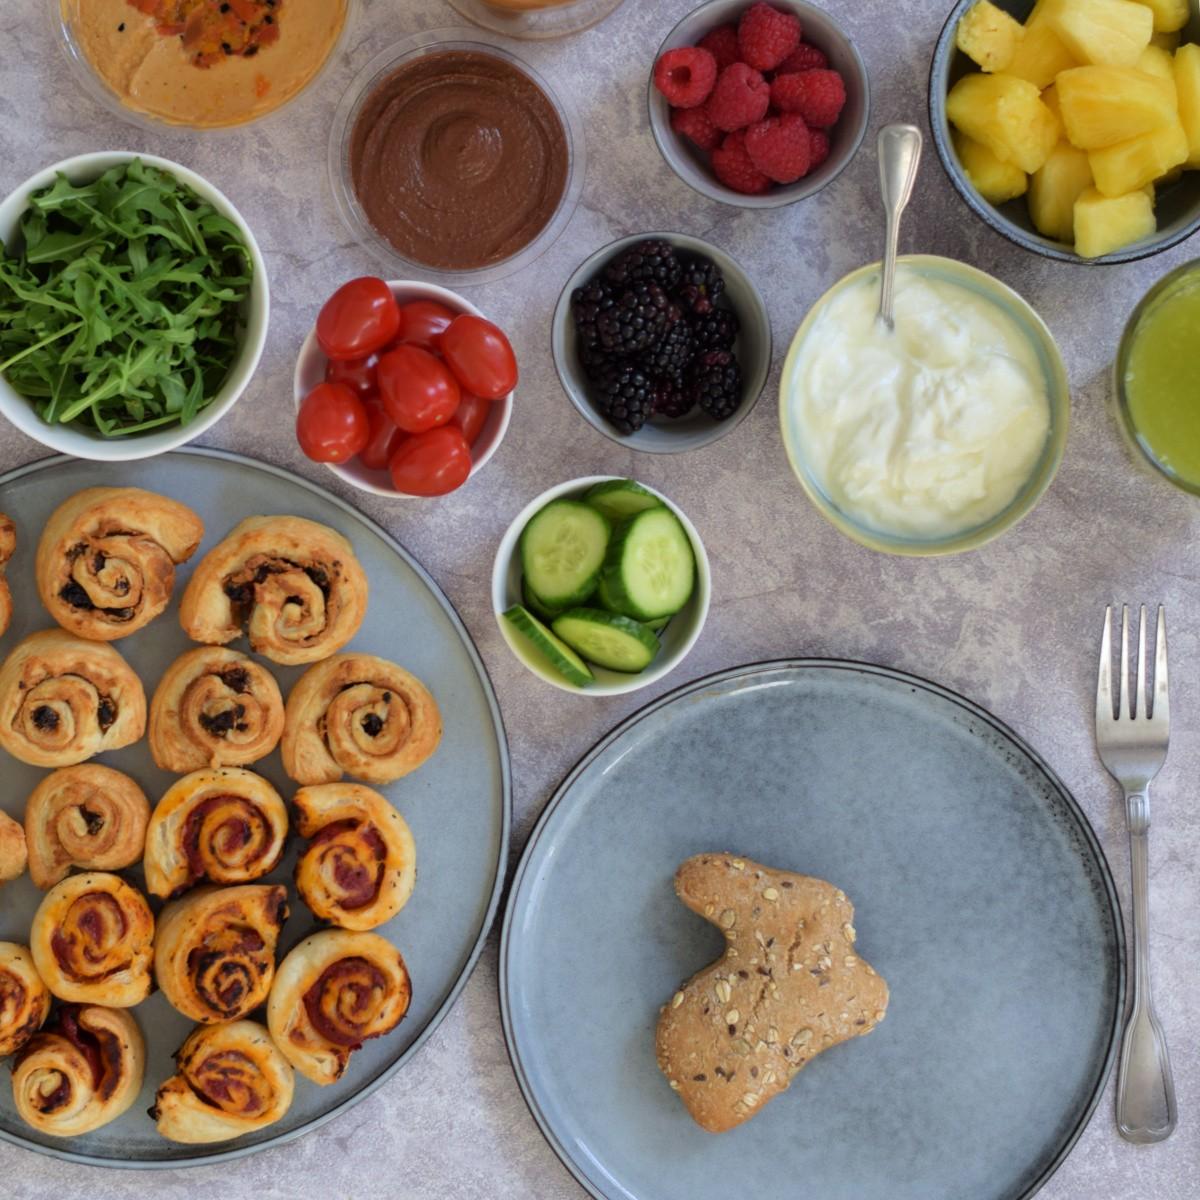 Vegan cinnamon rolls & vegan pizza rolls